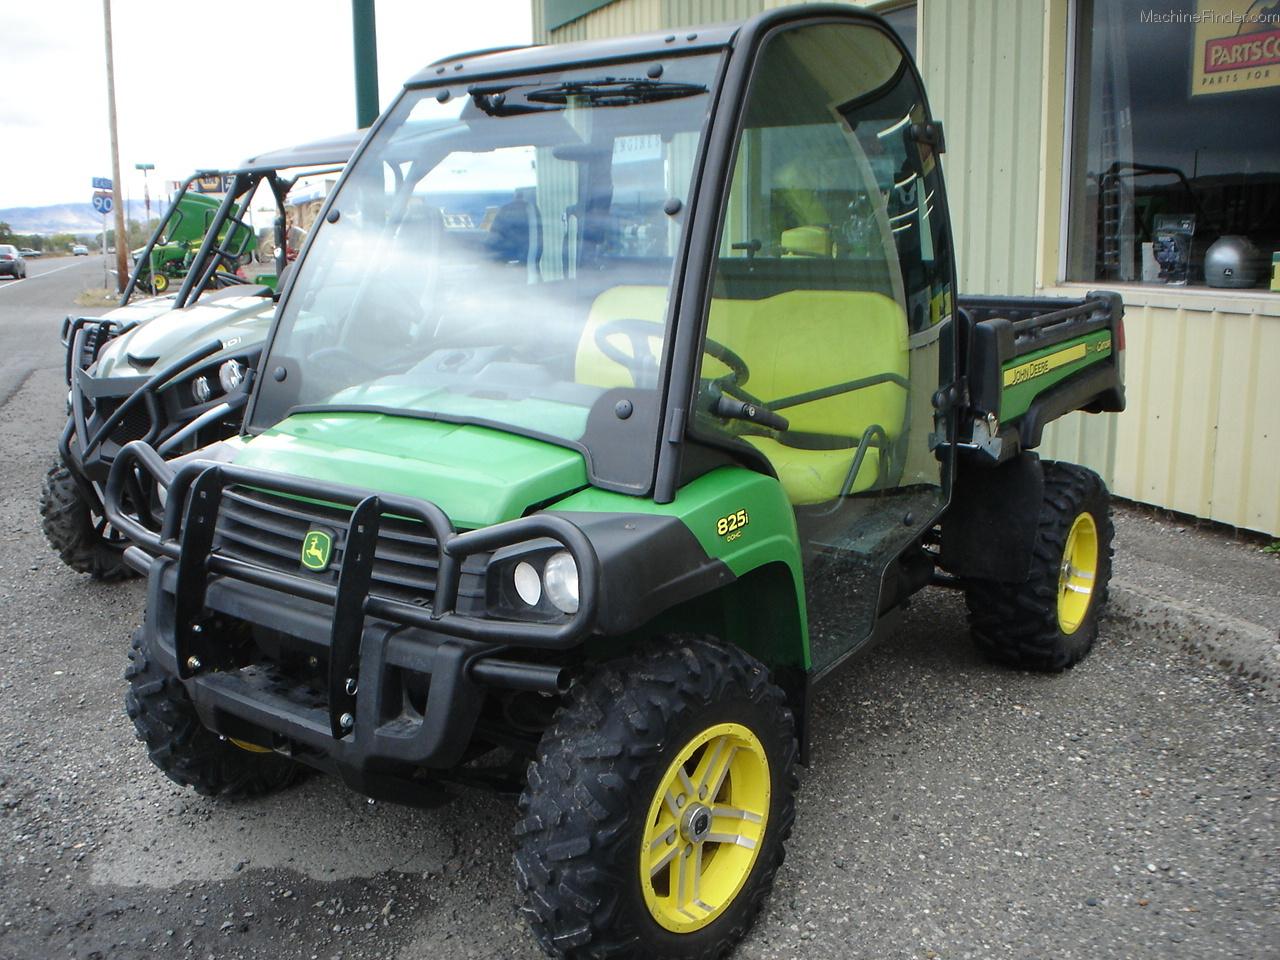 2012 John Deere XUV 825i ATV's - 541.5KB